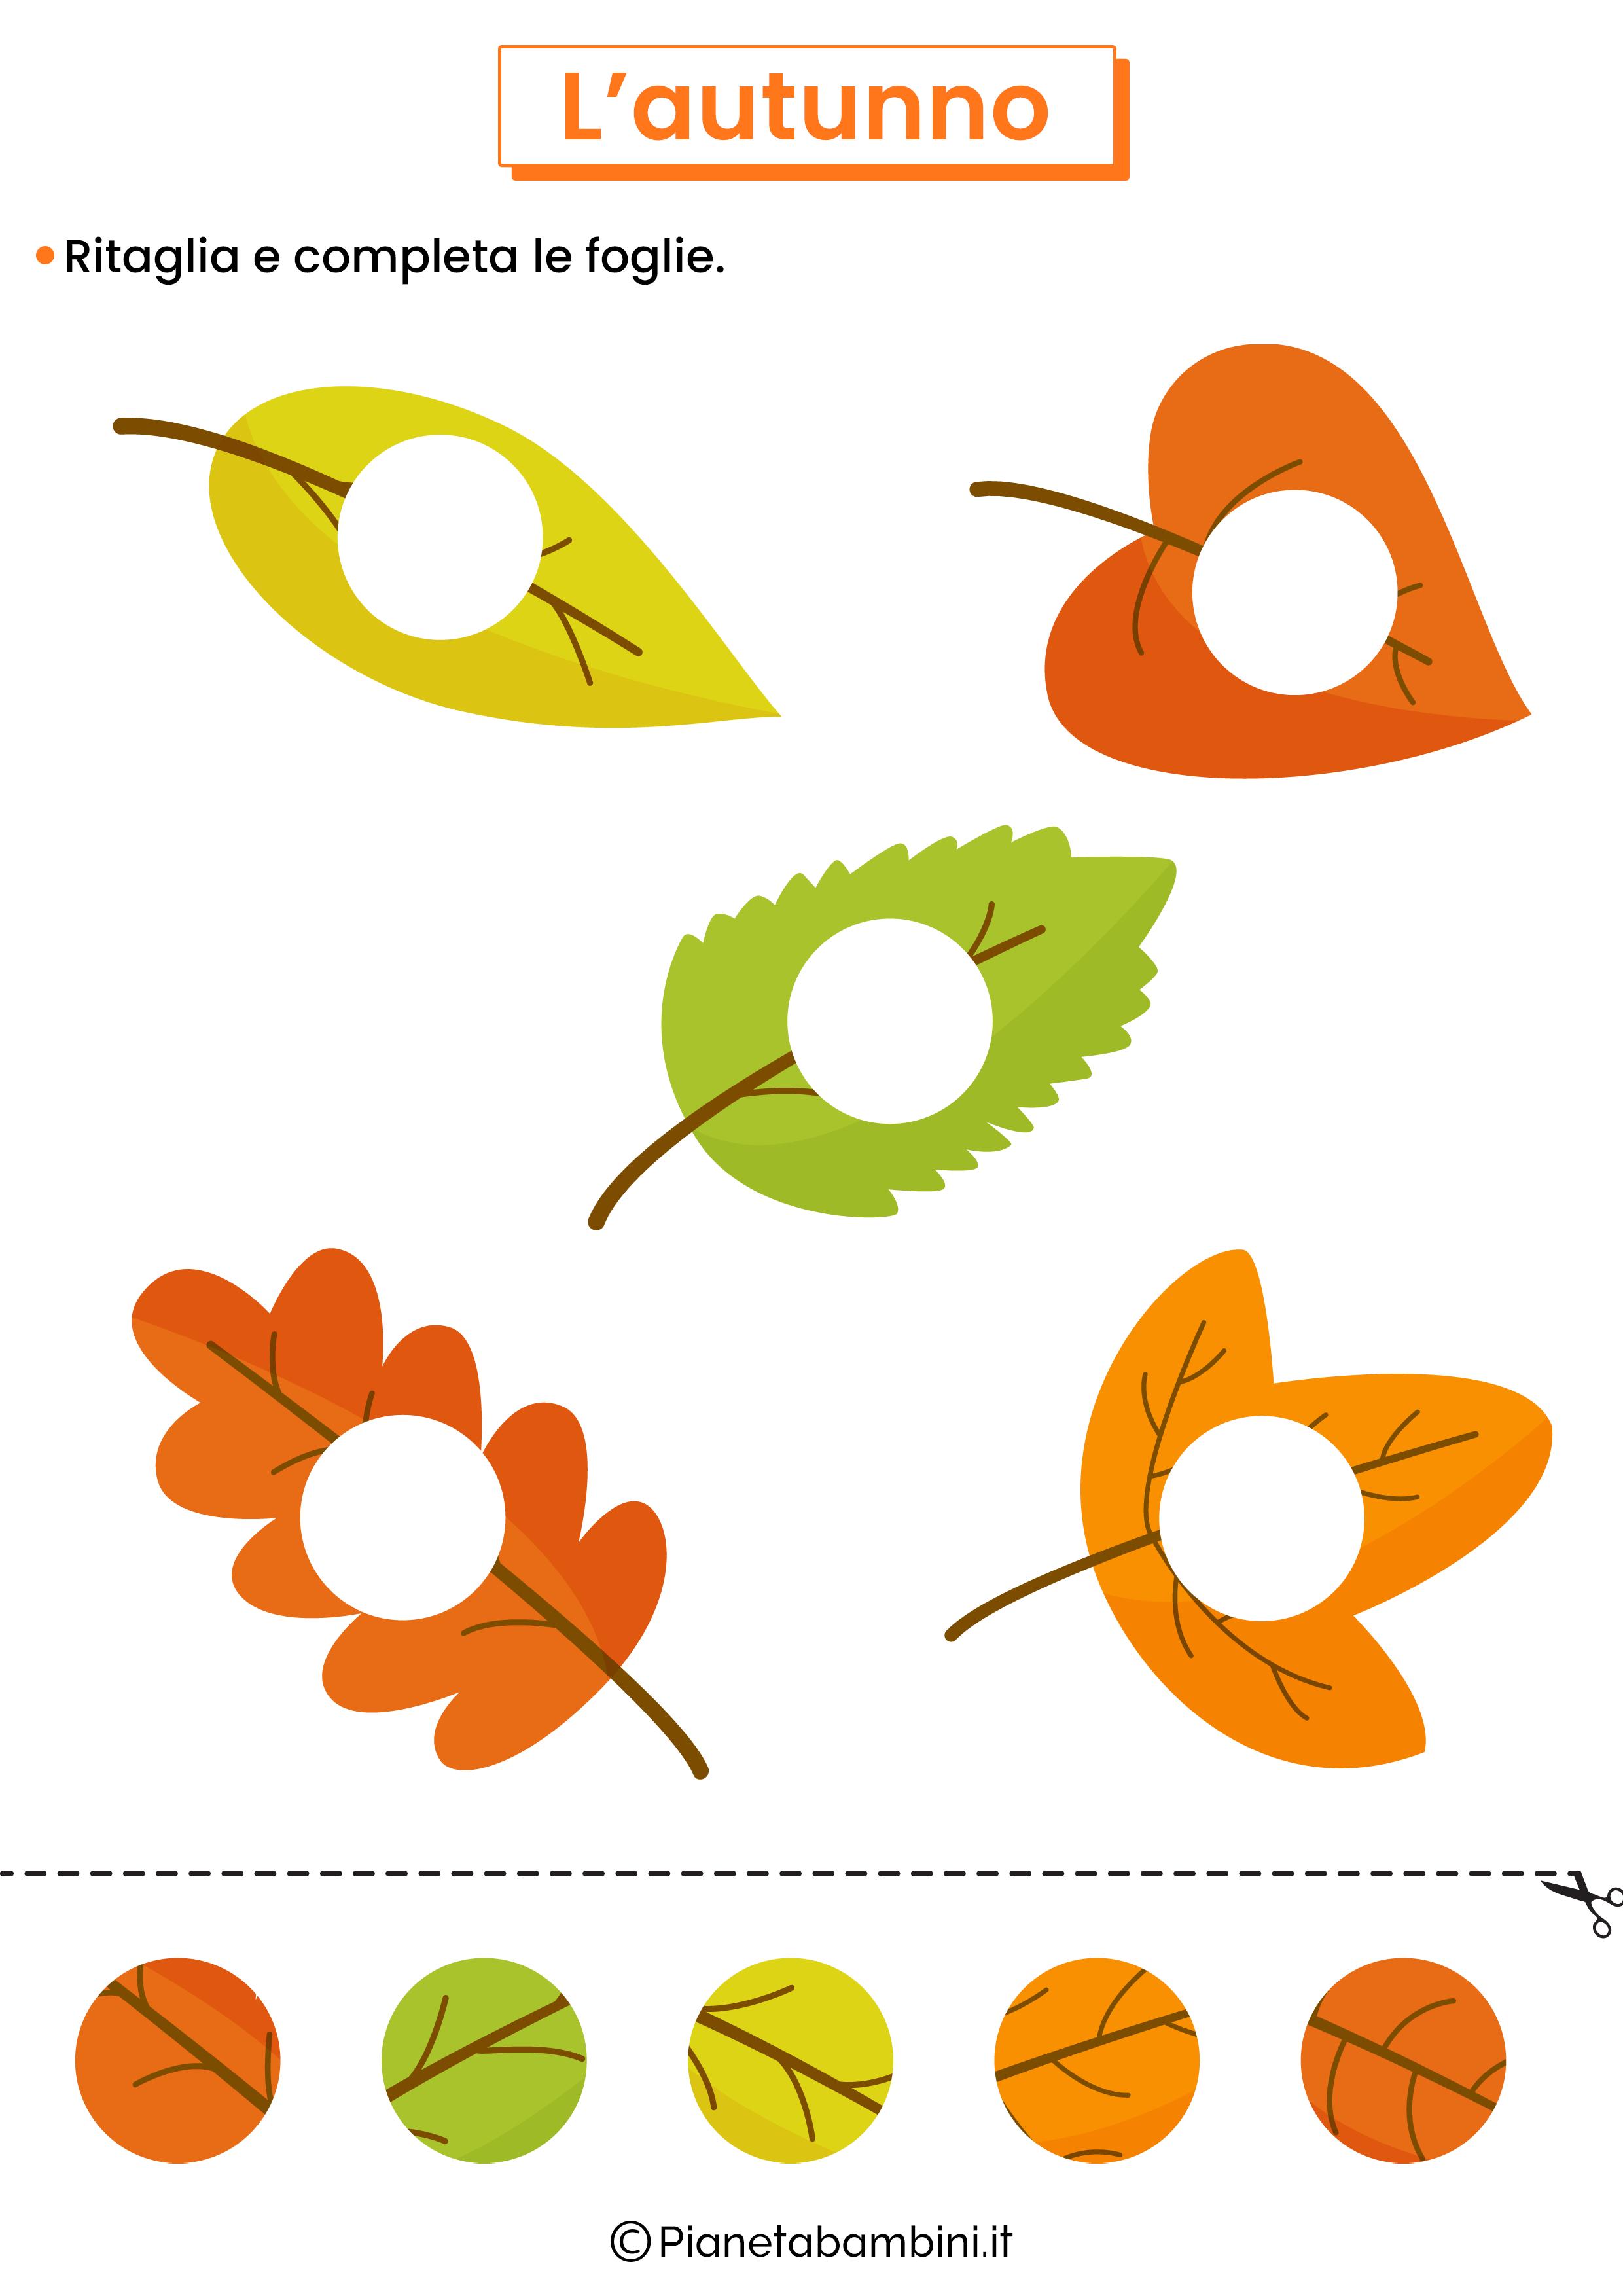 Scheda didattica sull'autunno per la scuola dell'infanzia 7